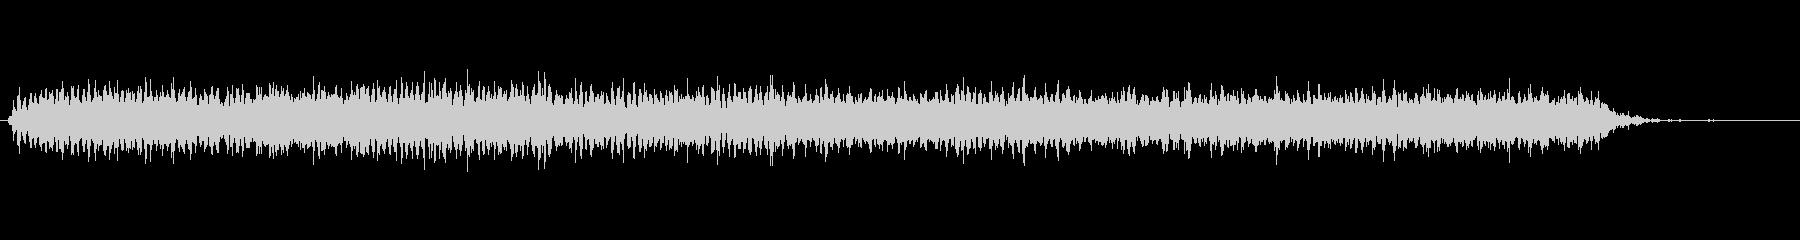 ジングルベル、高速、音楽FX; D...の未再生の波形